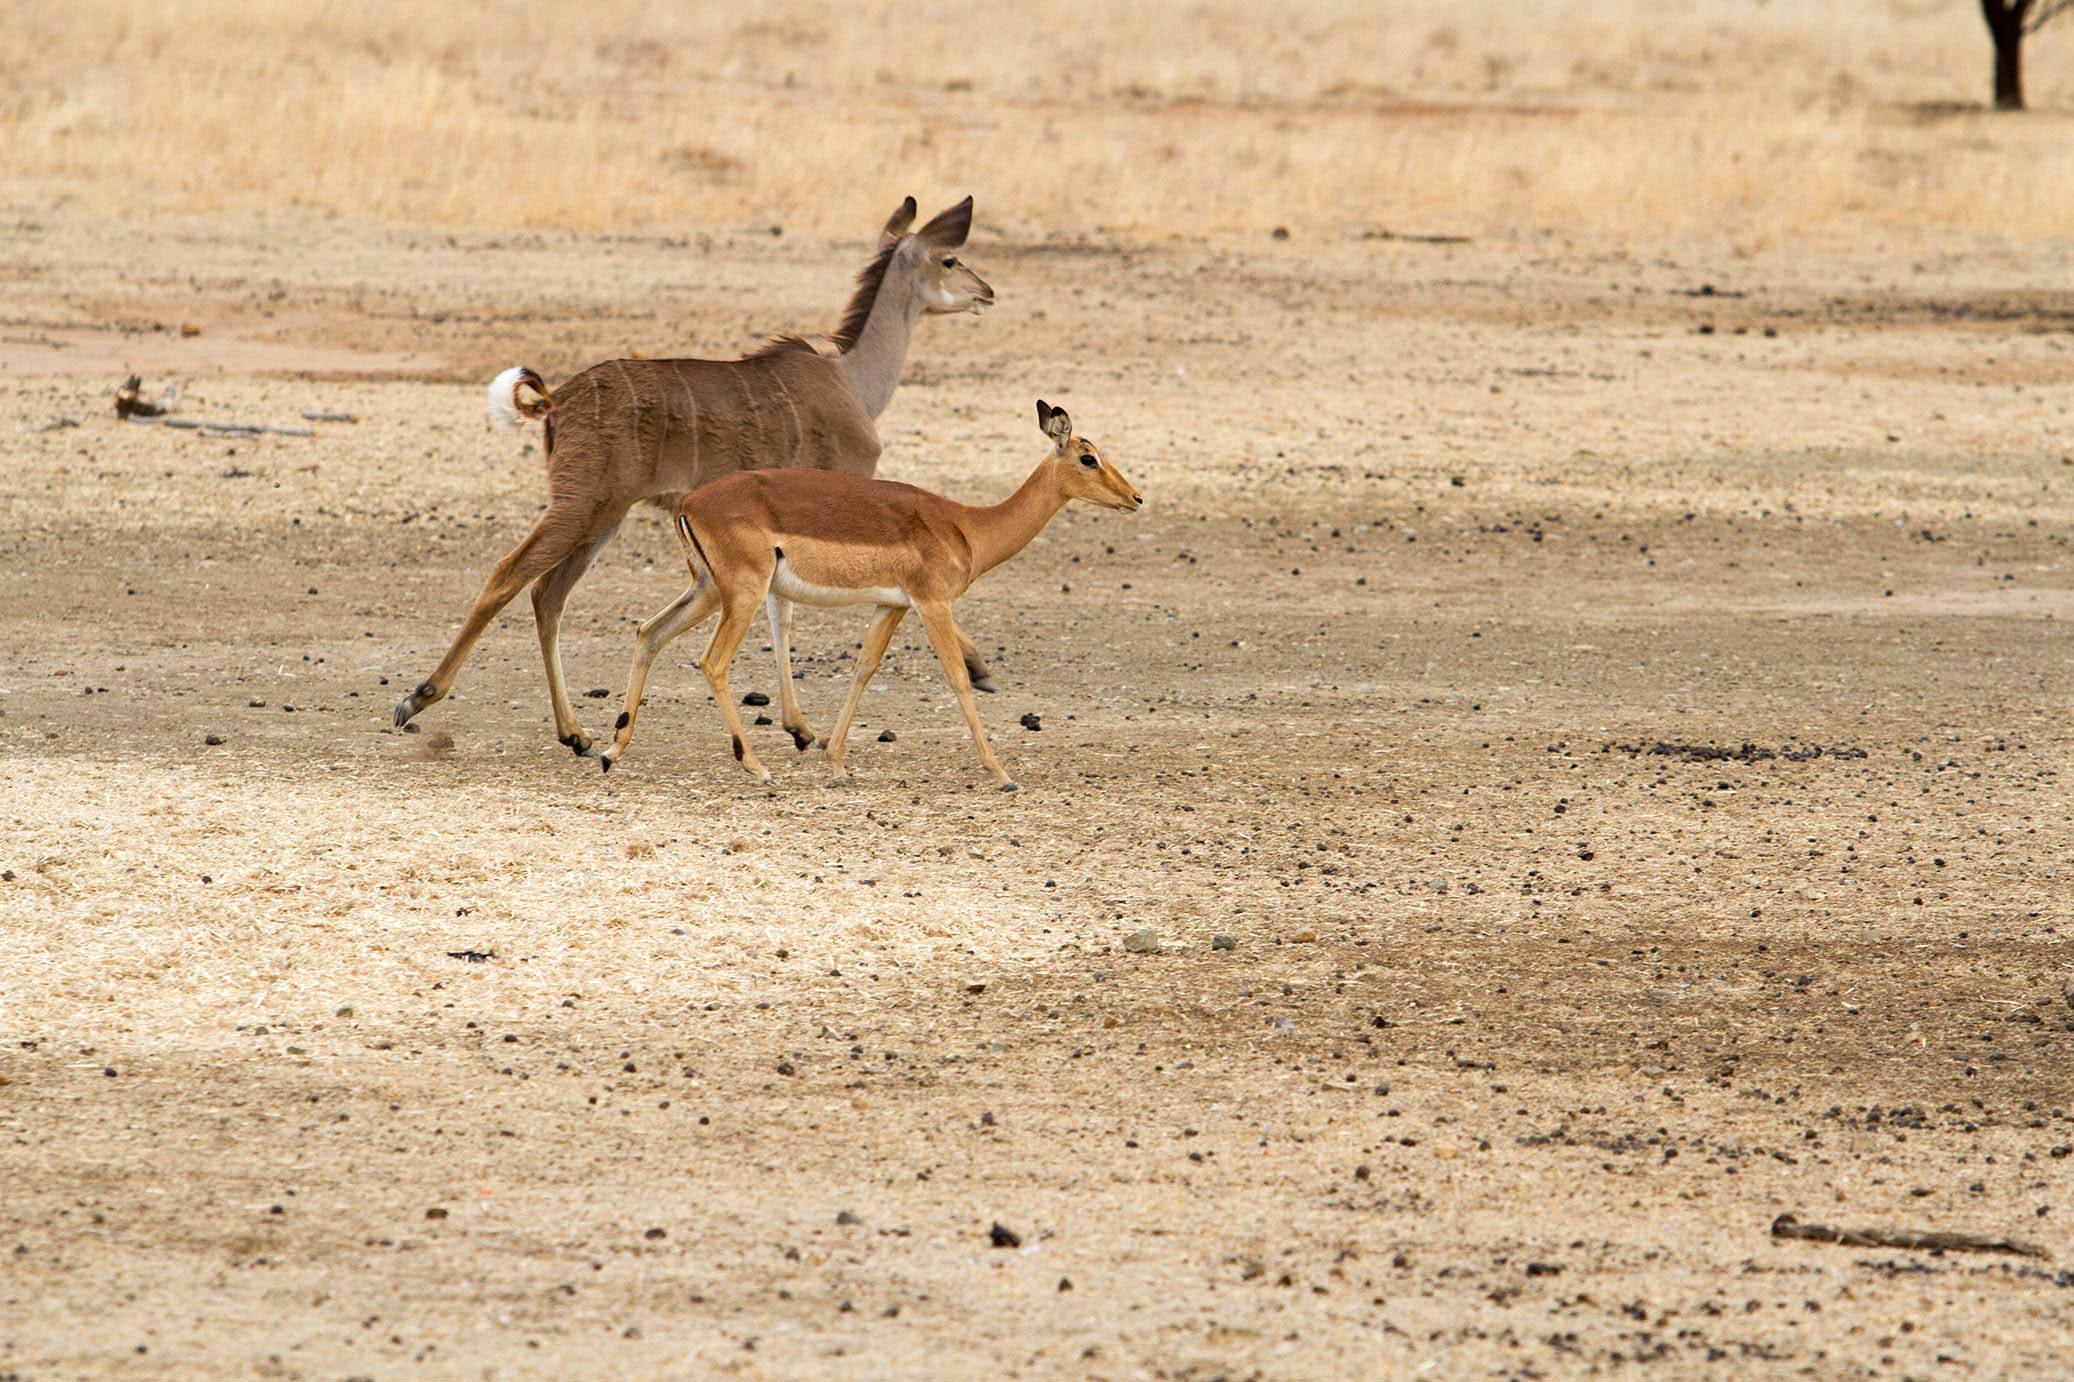 amanzi private game reserve - Bokke 12 - Amanzi Private Game Reserve